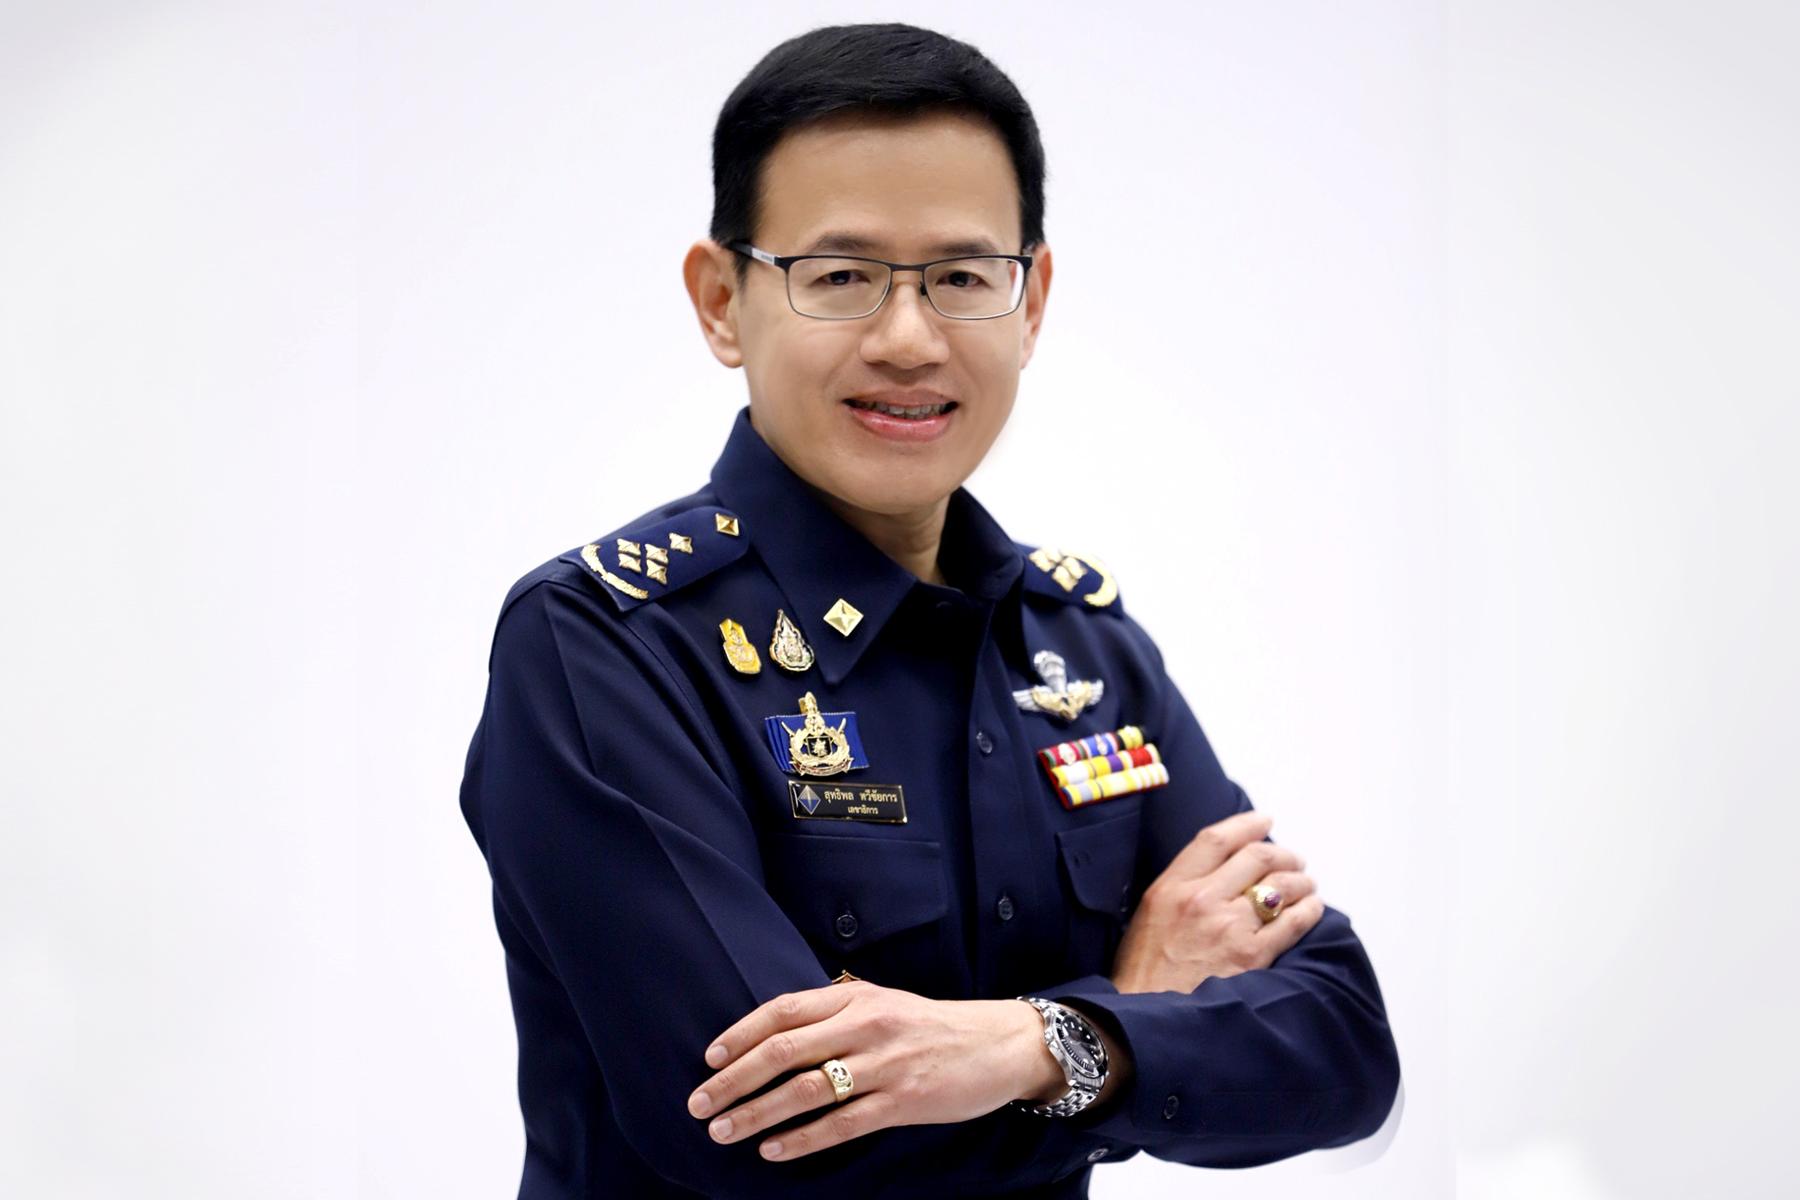 คปภ. เปิดมิติใหม่กรมธรรม์ประกันภัยเพื่อกลุ่มชาวประมงเรือพื้นบ้าน ฉบับแรกของไทย